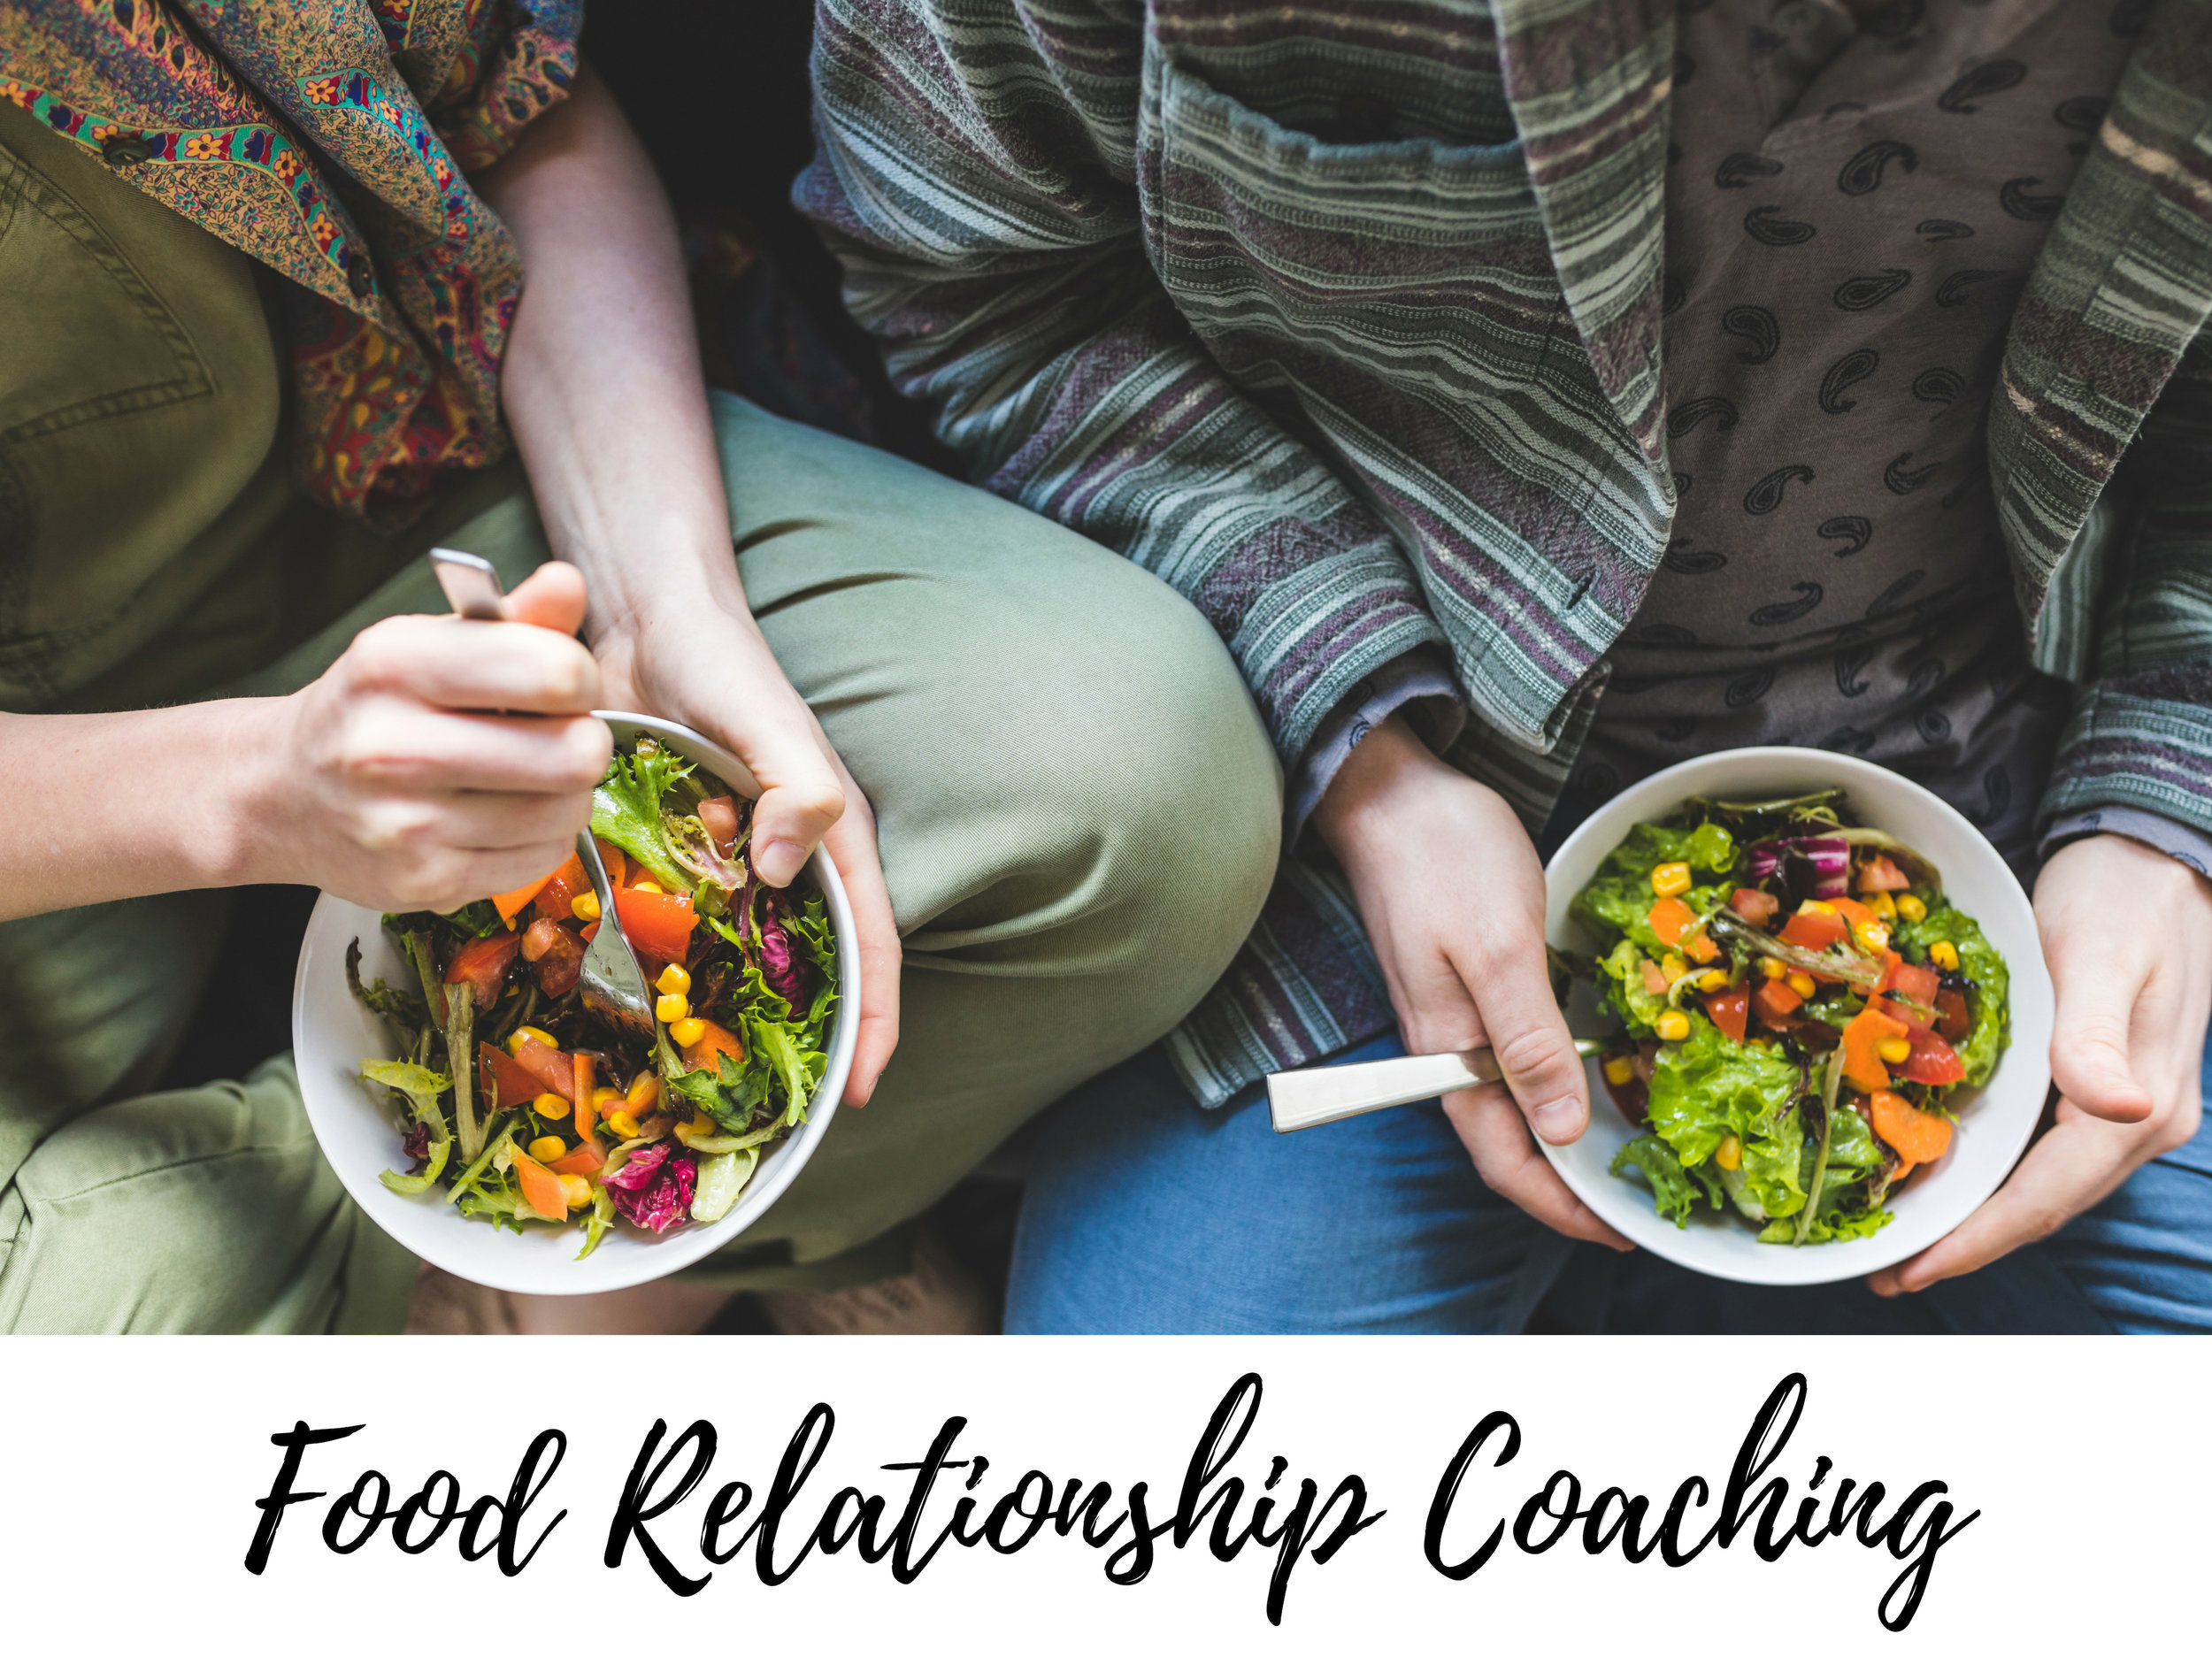 Food_Relationship_Coaching.jpg